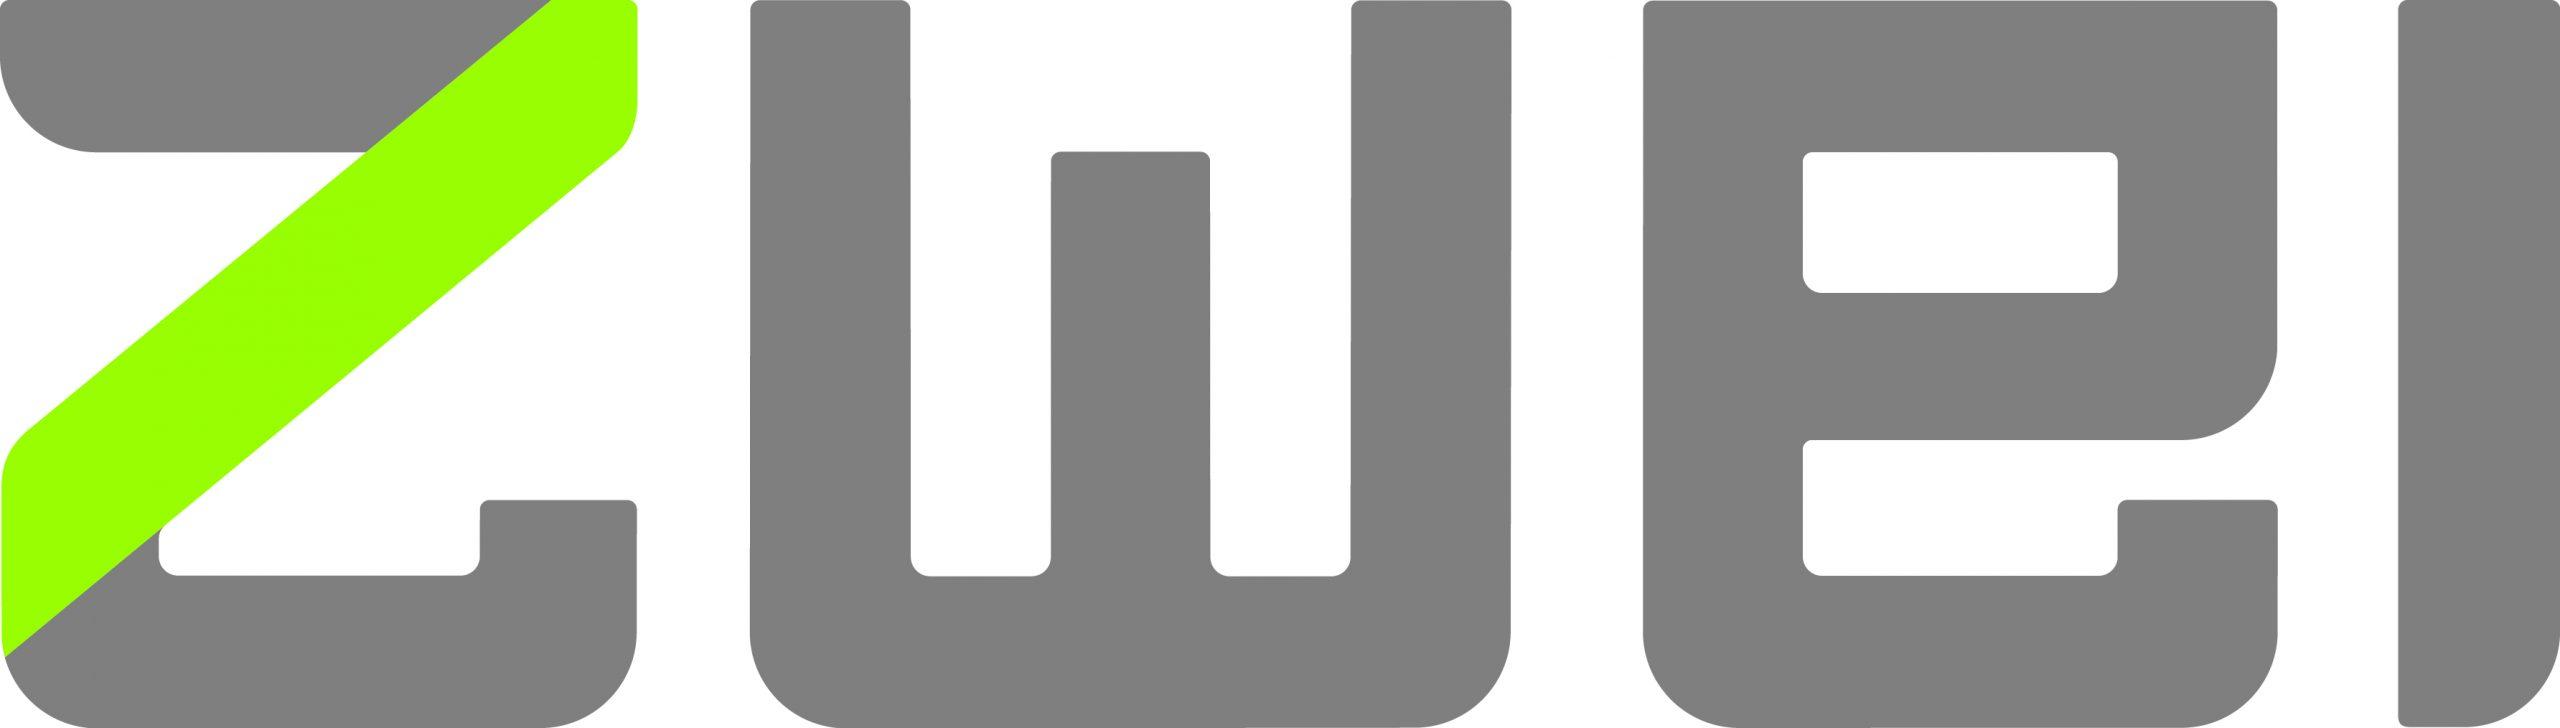 Schmid Zell - der Schulranzen Profi in der Ortenau, Offenburg, Lahr mit riesige Auswahl an Taschen, Reisegepäck, Rücksäcken und Geschenkideen